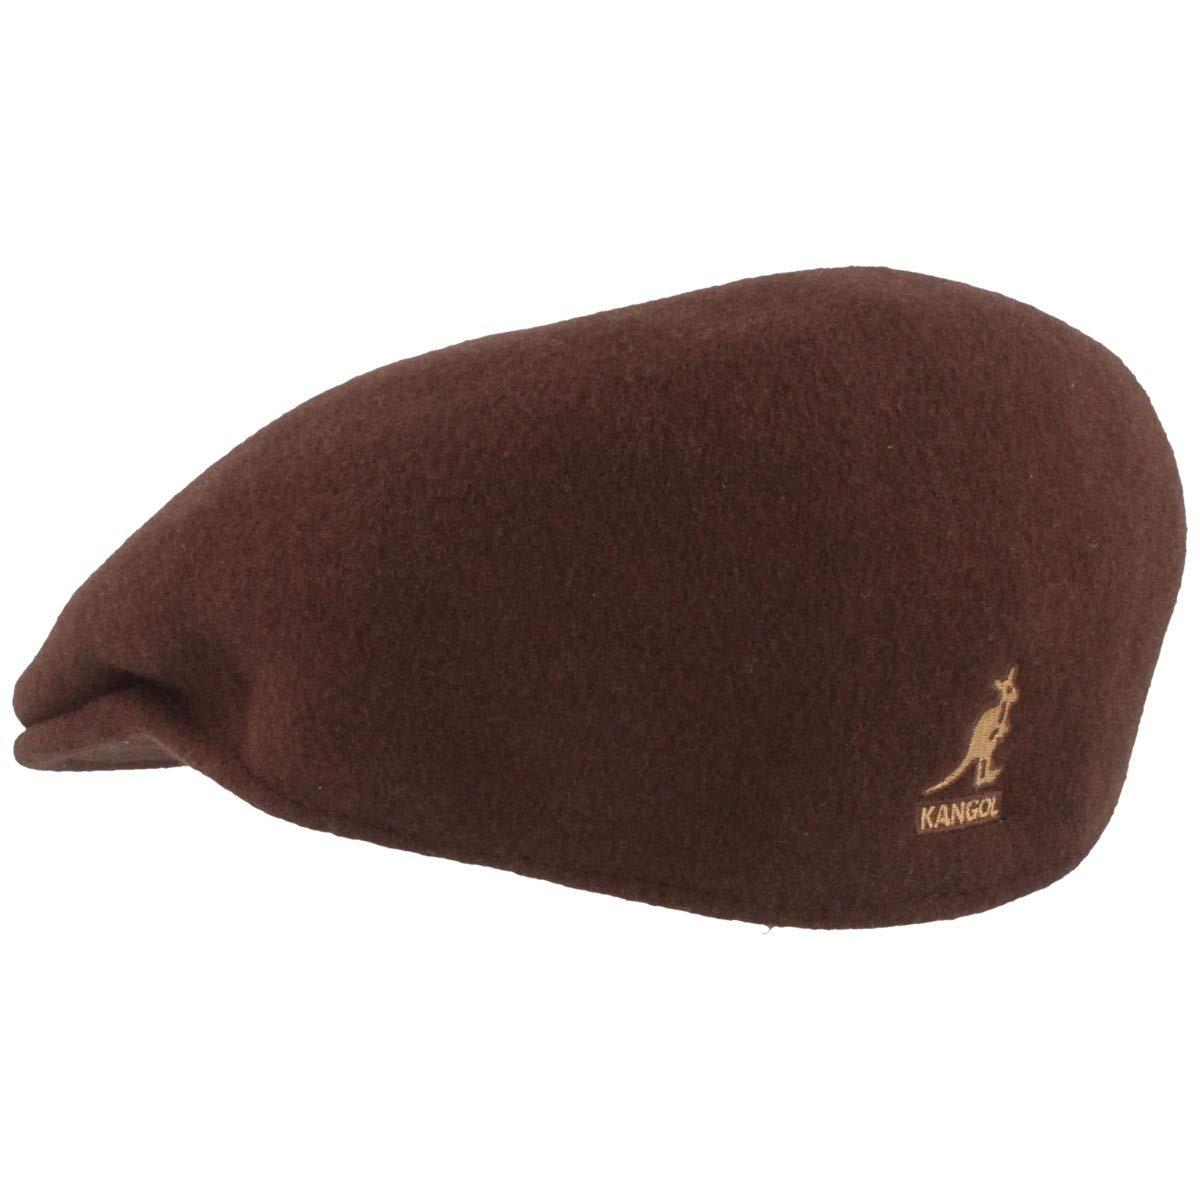 Kangol Wool 504 - Gorra unisex  Amazon.es  Ropa y accesorios 3fc91c31d3a